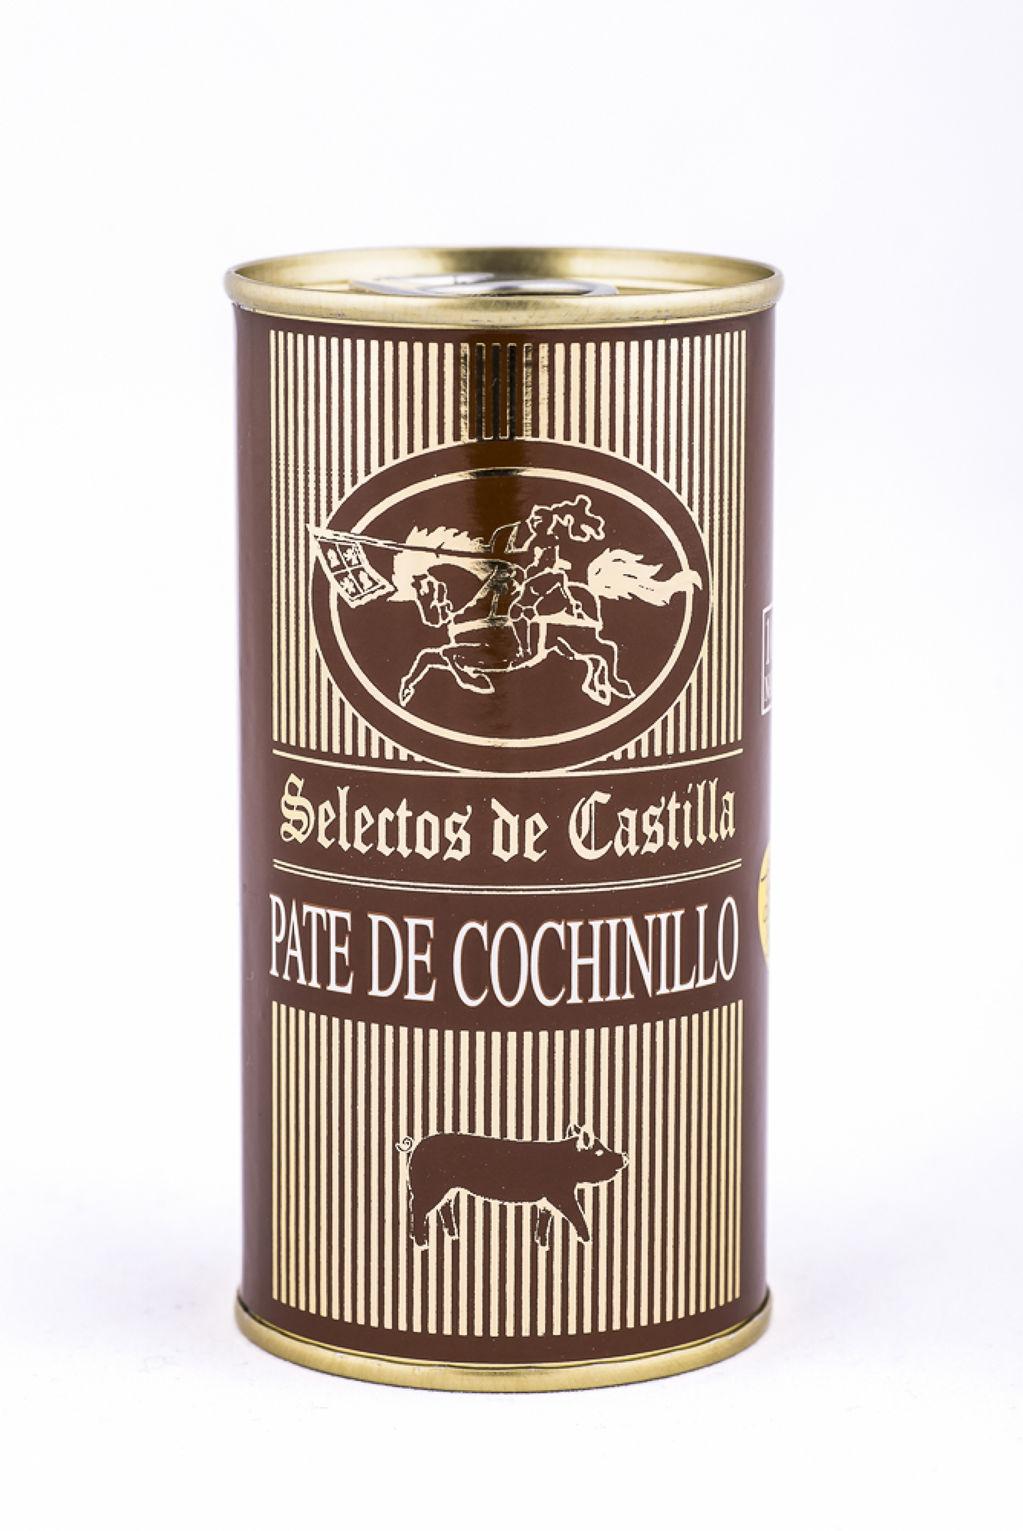 7d779-Pate-de-Cochinillo-200-g.